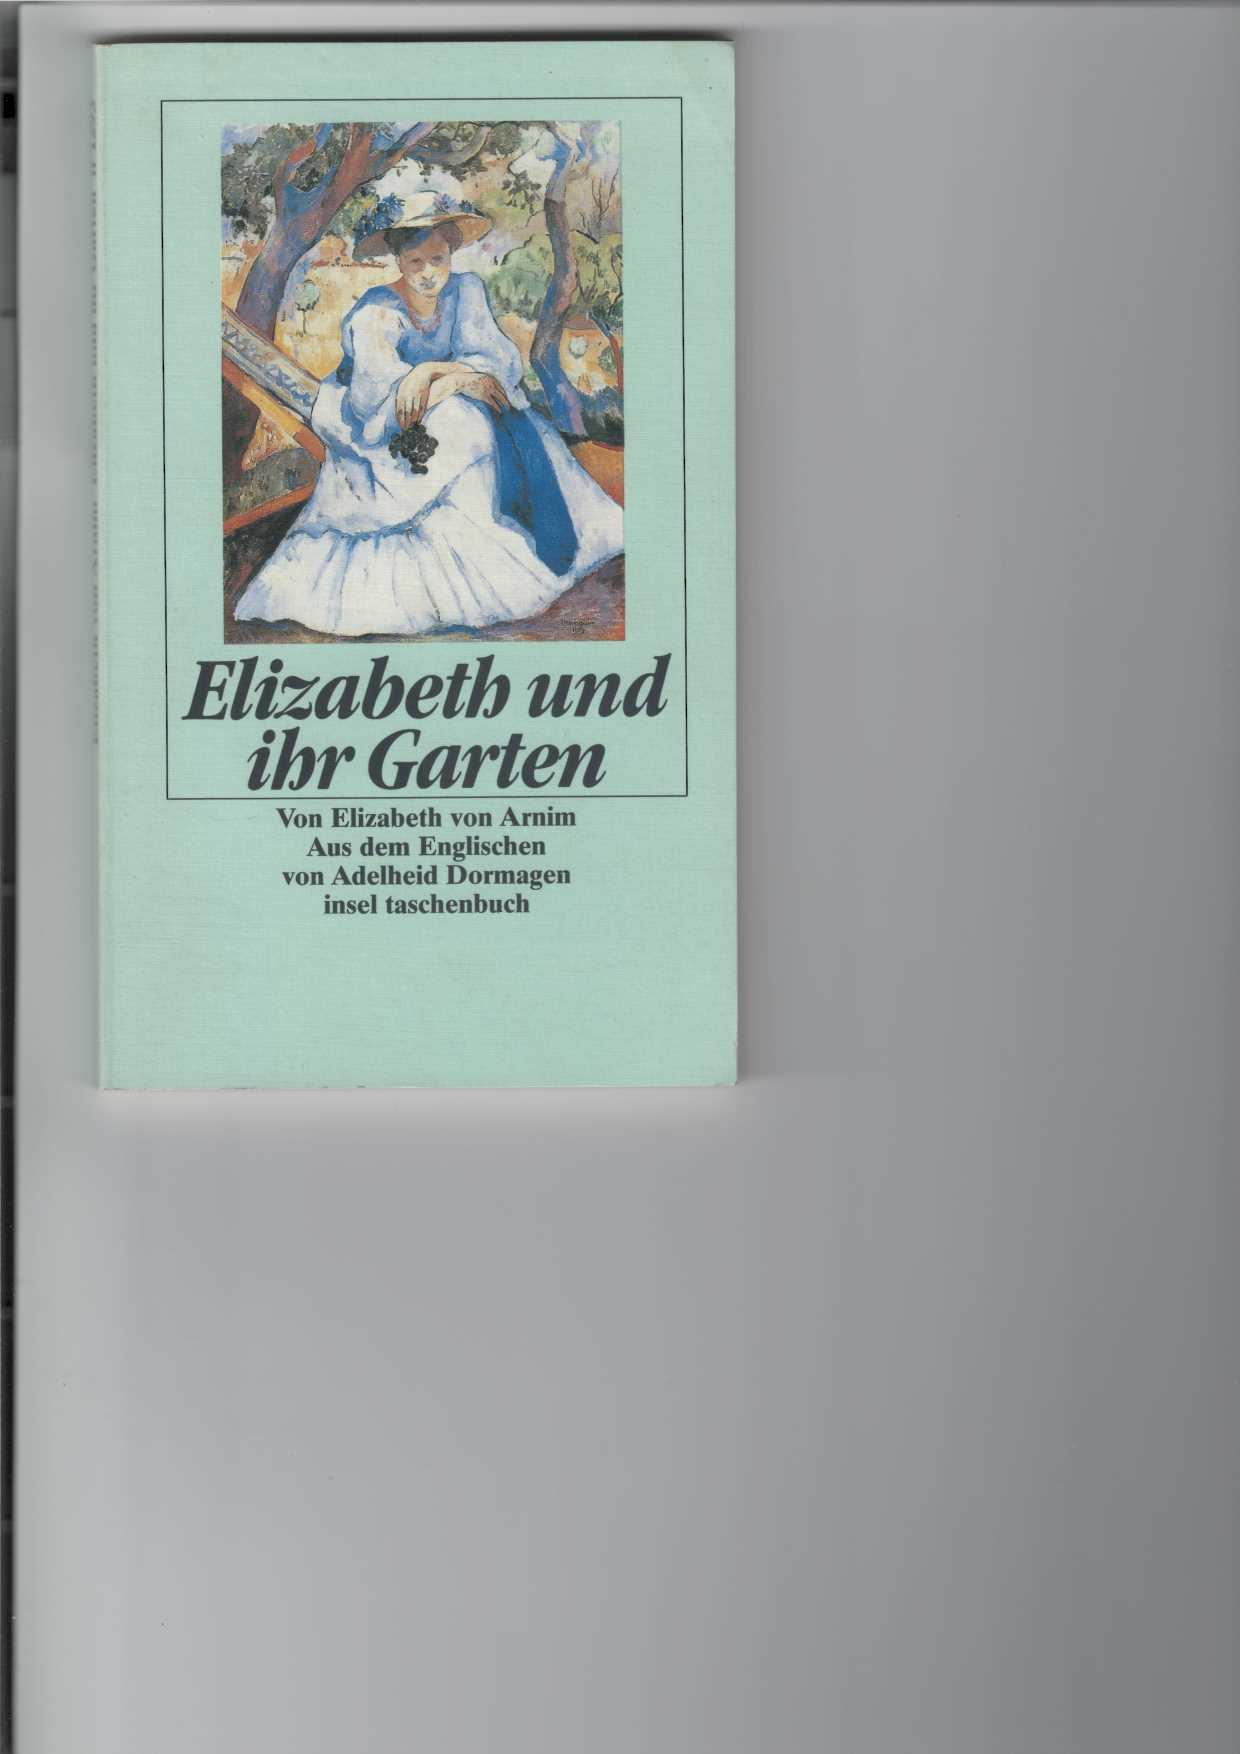 Elizabeth und ihr Garten. Roman. [Aus dem Englischen von Adelheid Dormagen]. insel taschenbuch 1293. 1. Aufl.,